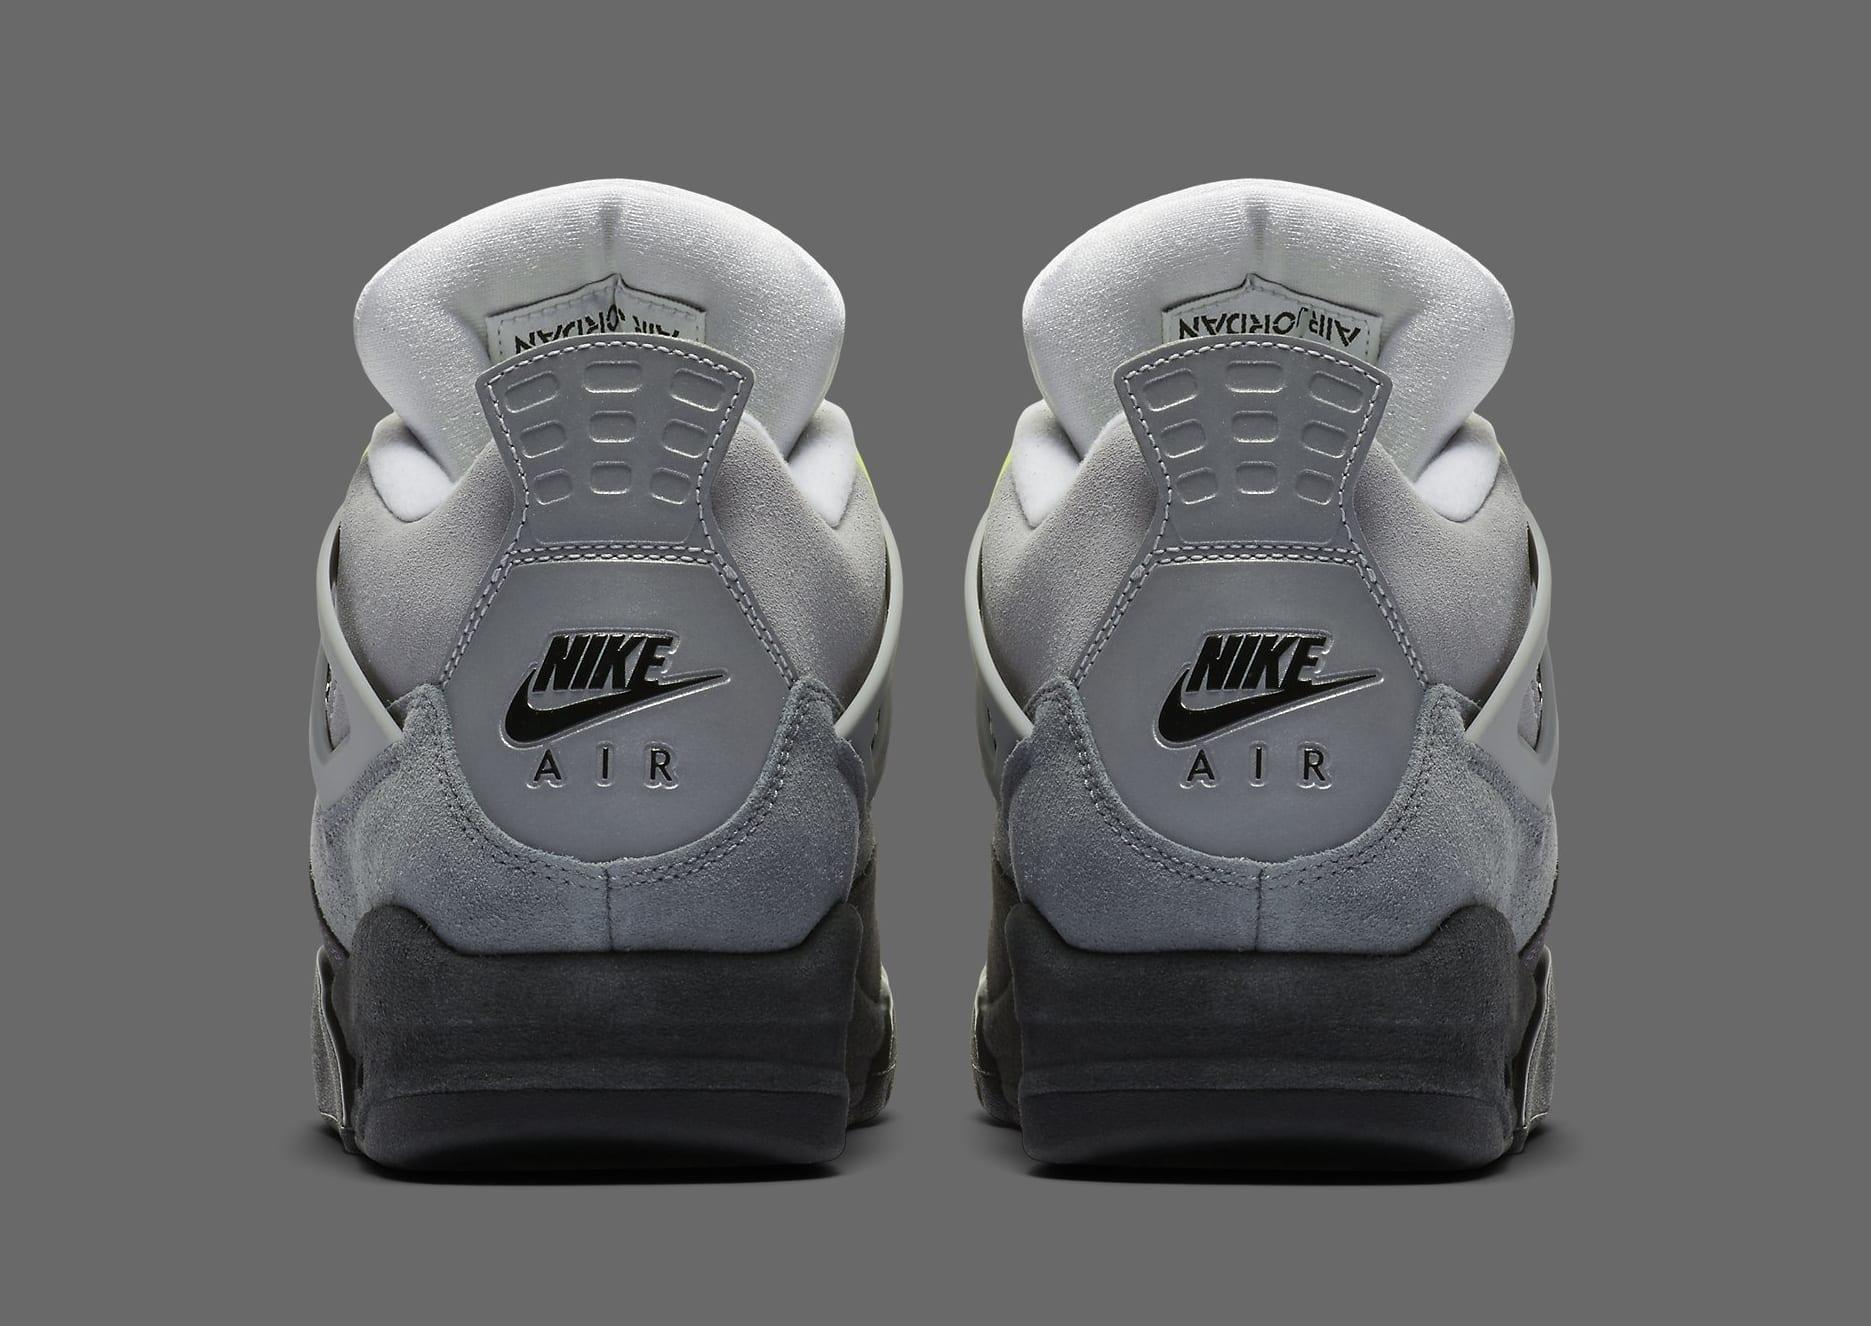 Air Jordan 4 Retro 'Neon' CT5342-007 Heel